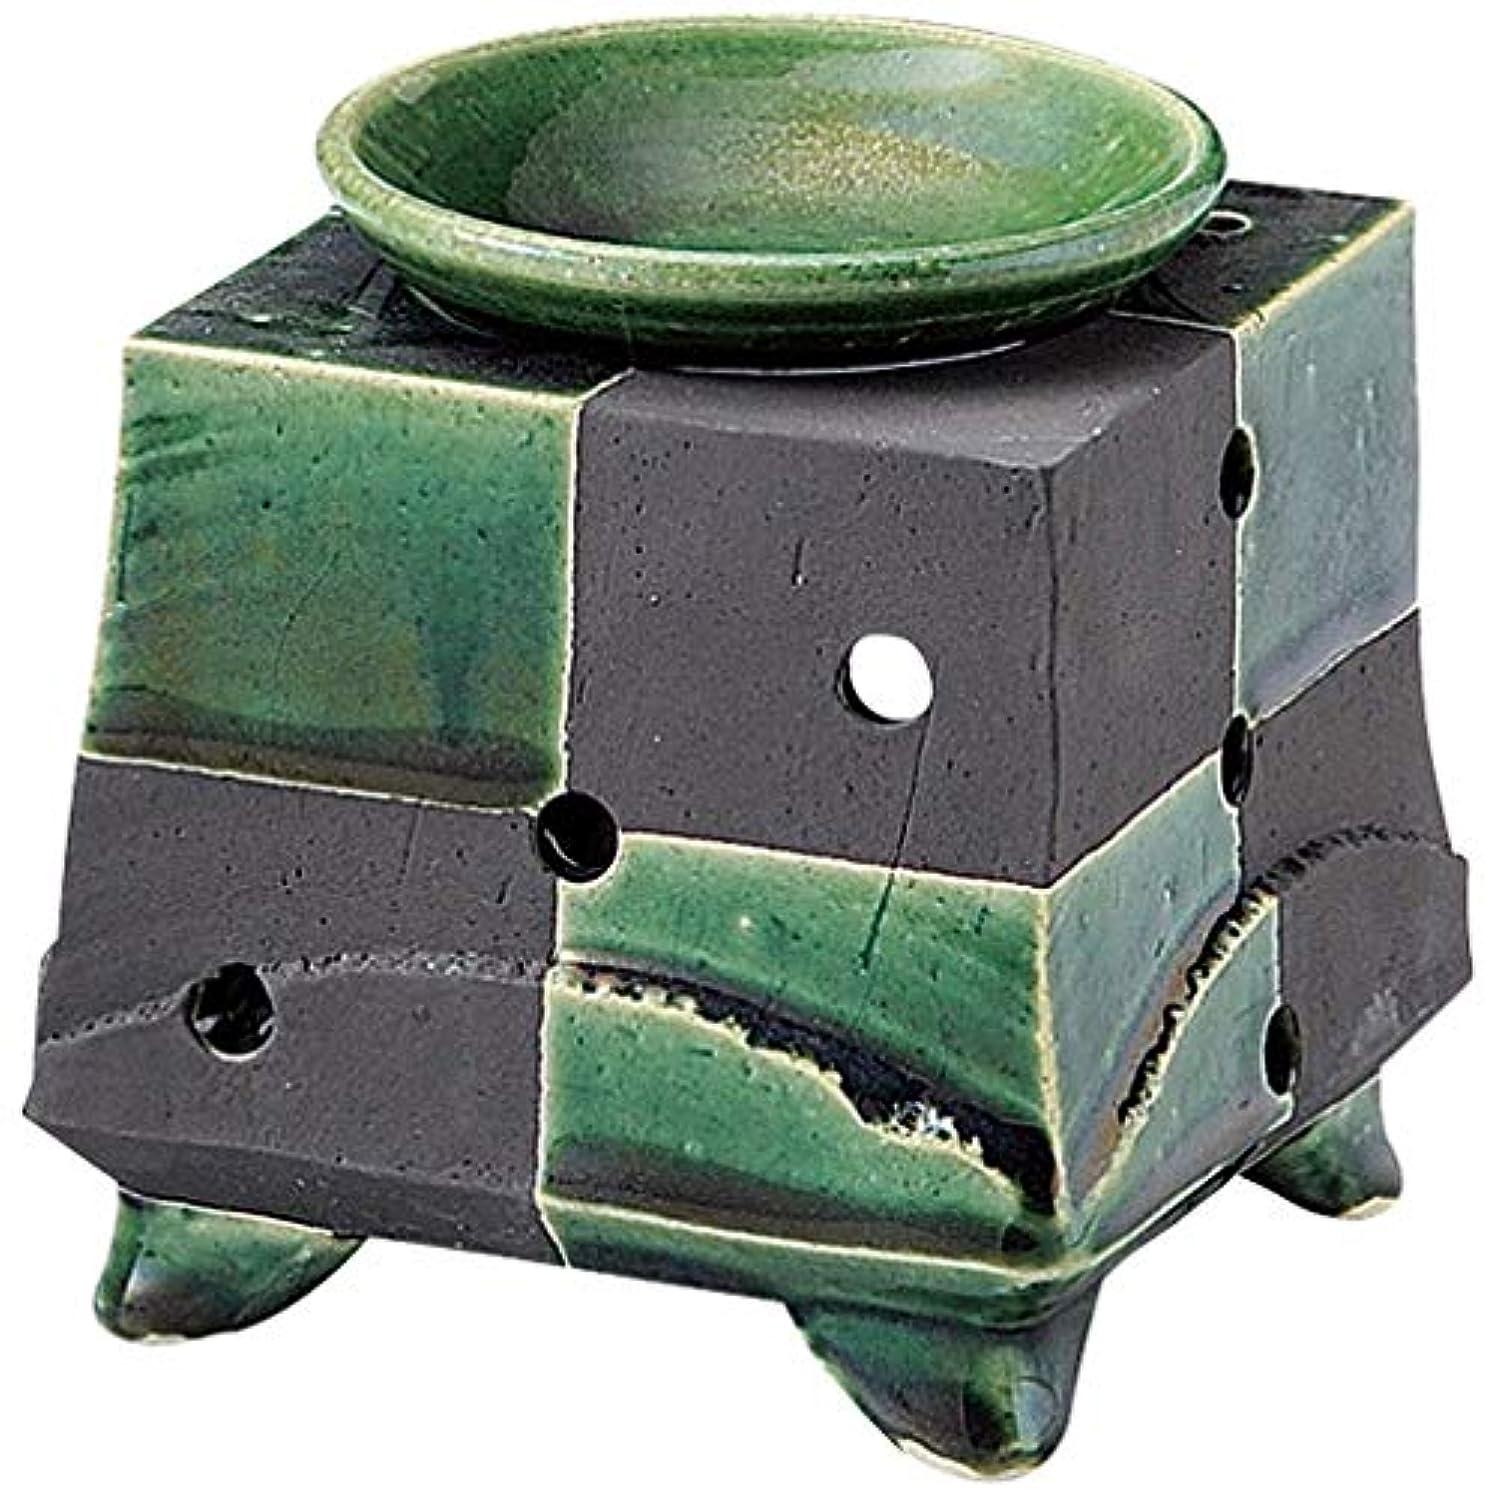 勝利したごちそう天YI--Y-1622 常滑焼 茶香炉 化粧箱入 径11.5×高さ11.5cm